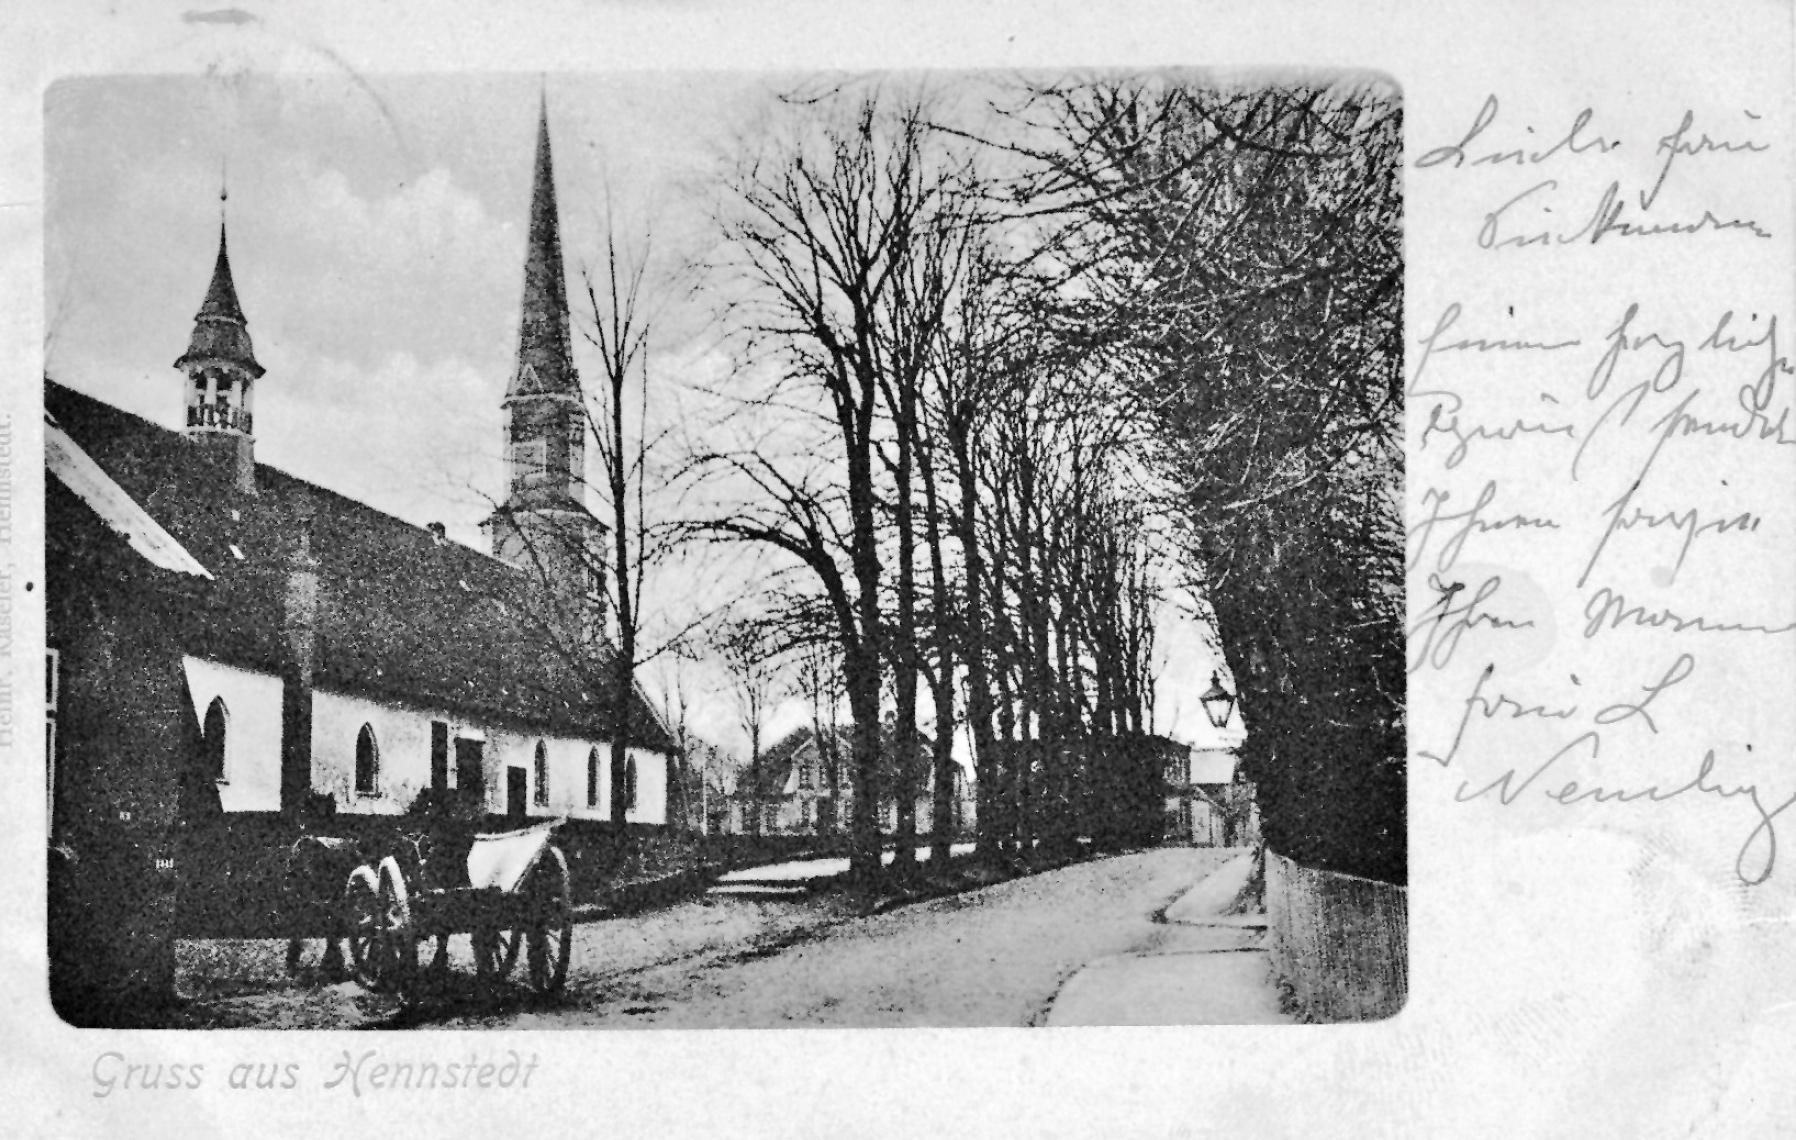 dorf_bilder/Chronik-Hennstedt-296.jpg